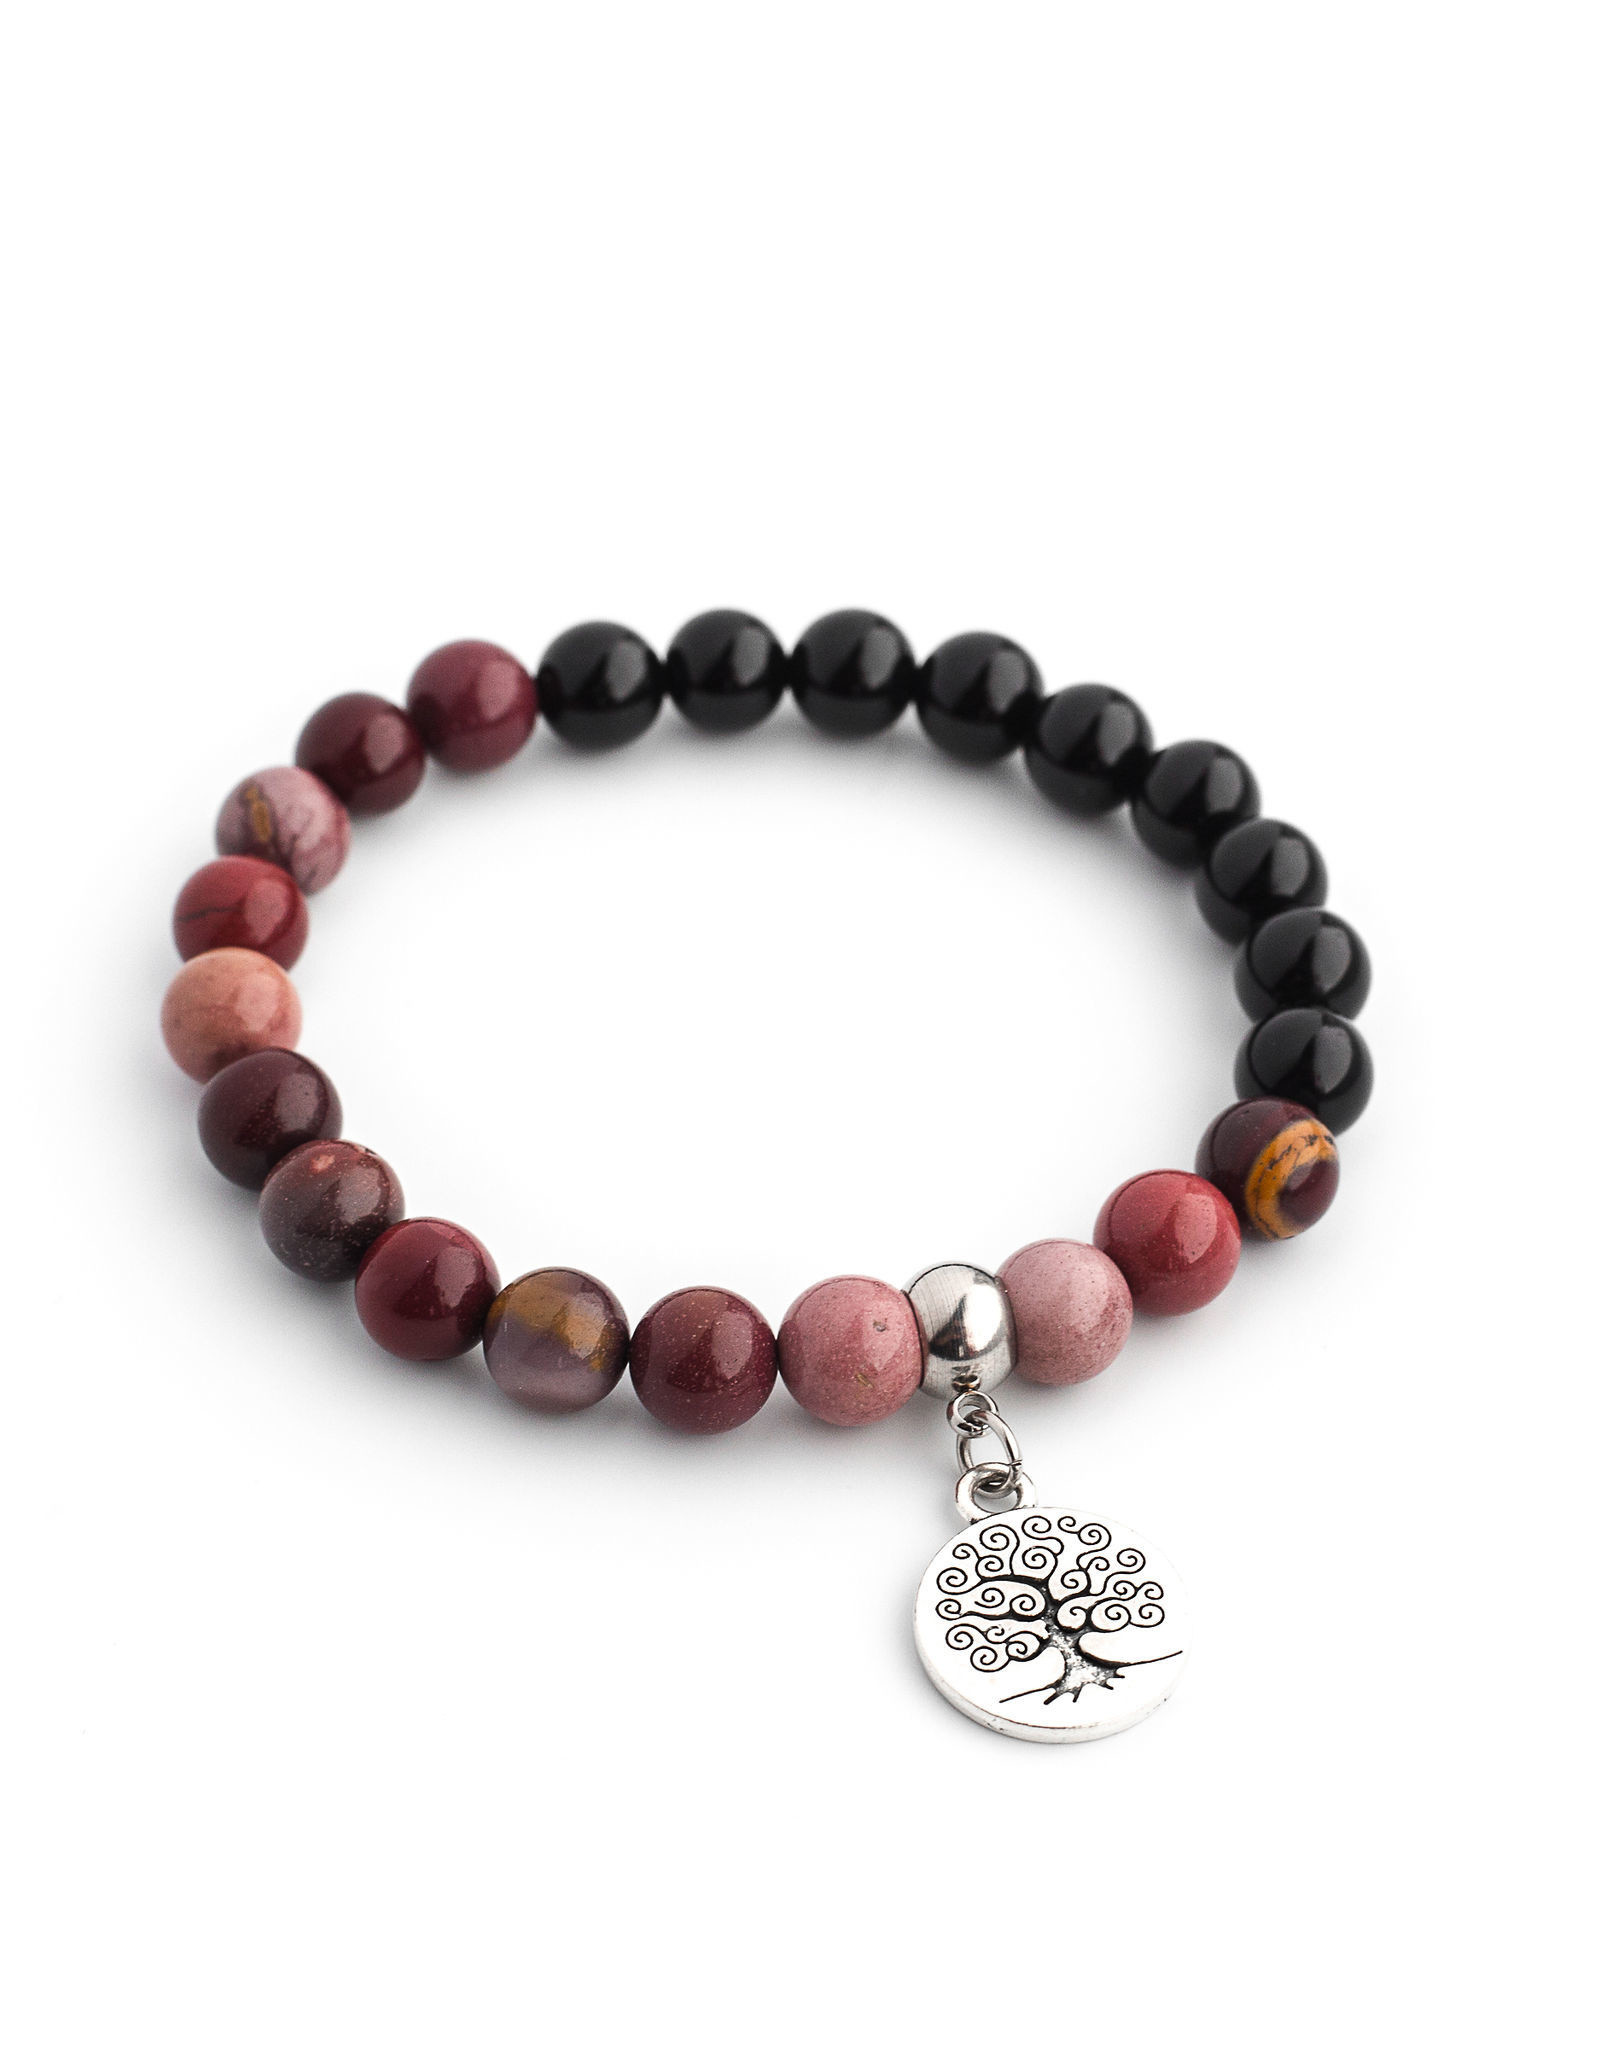 Bijoux Sophistikate Bracelet de pierre semi-précieuse - Arbre de vie